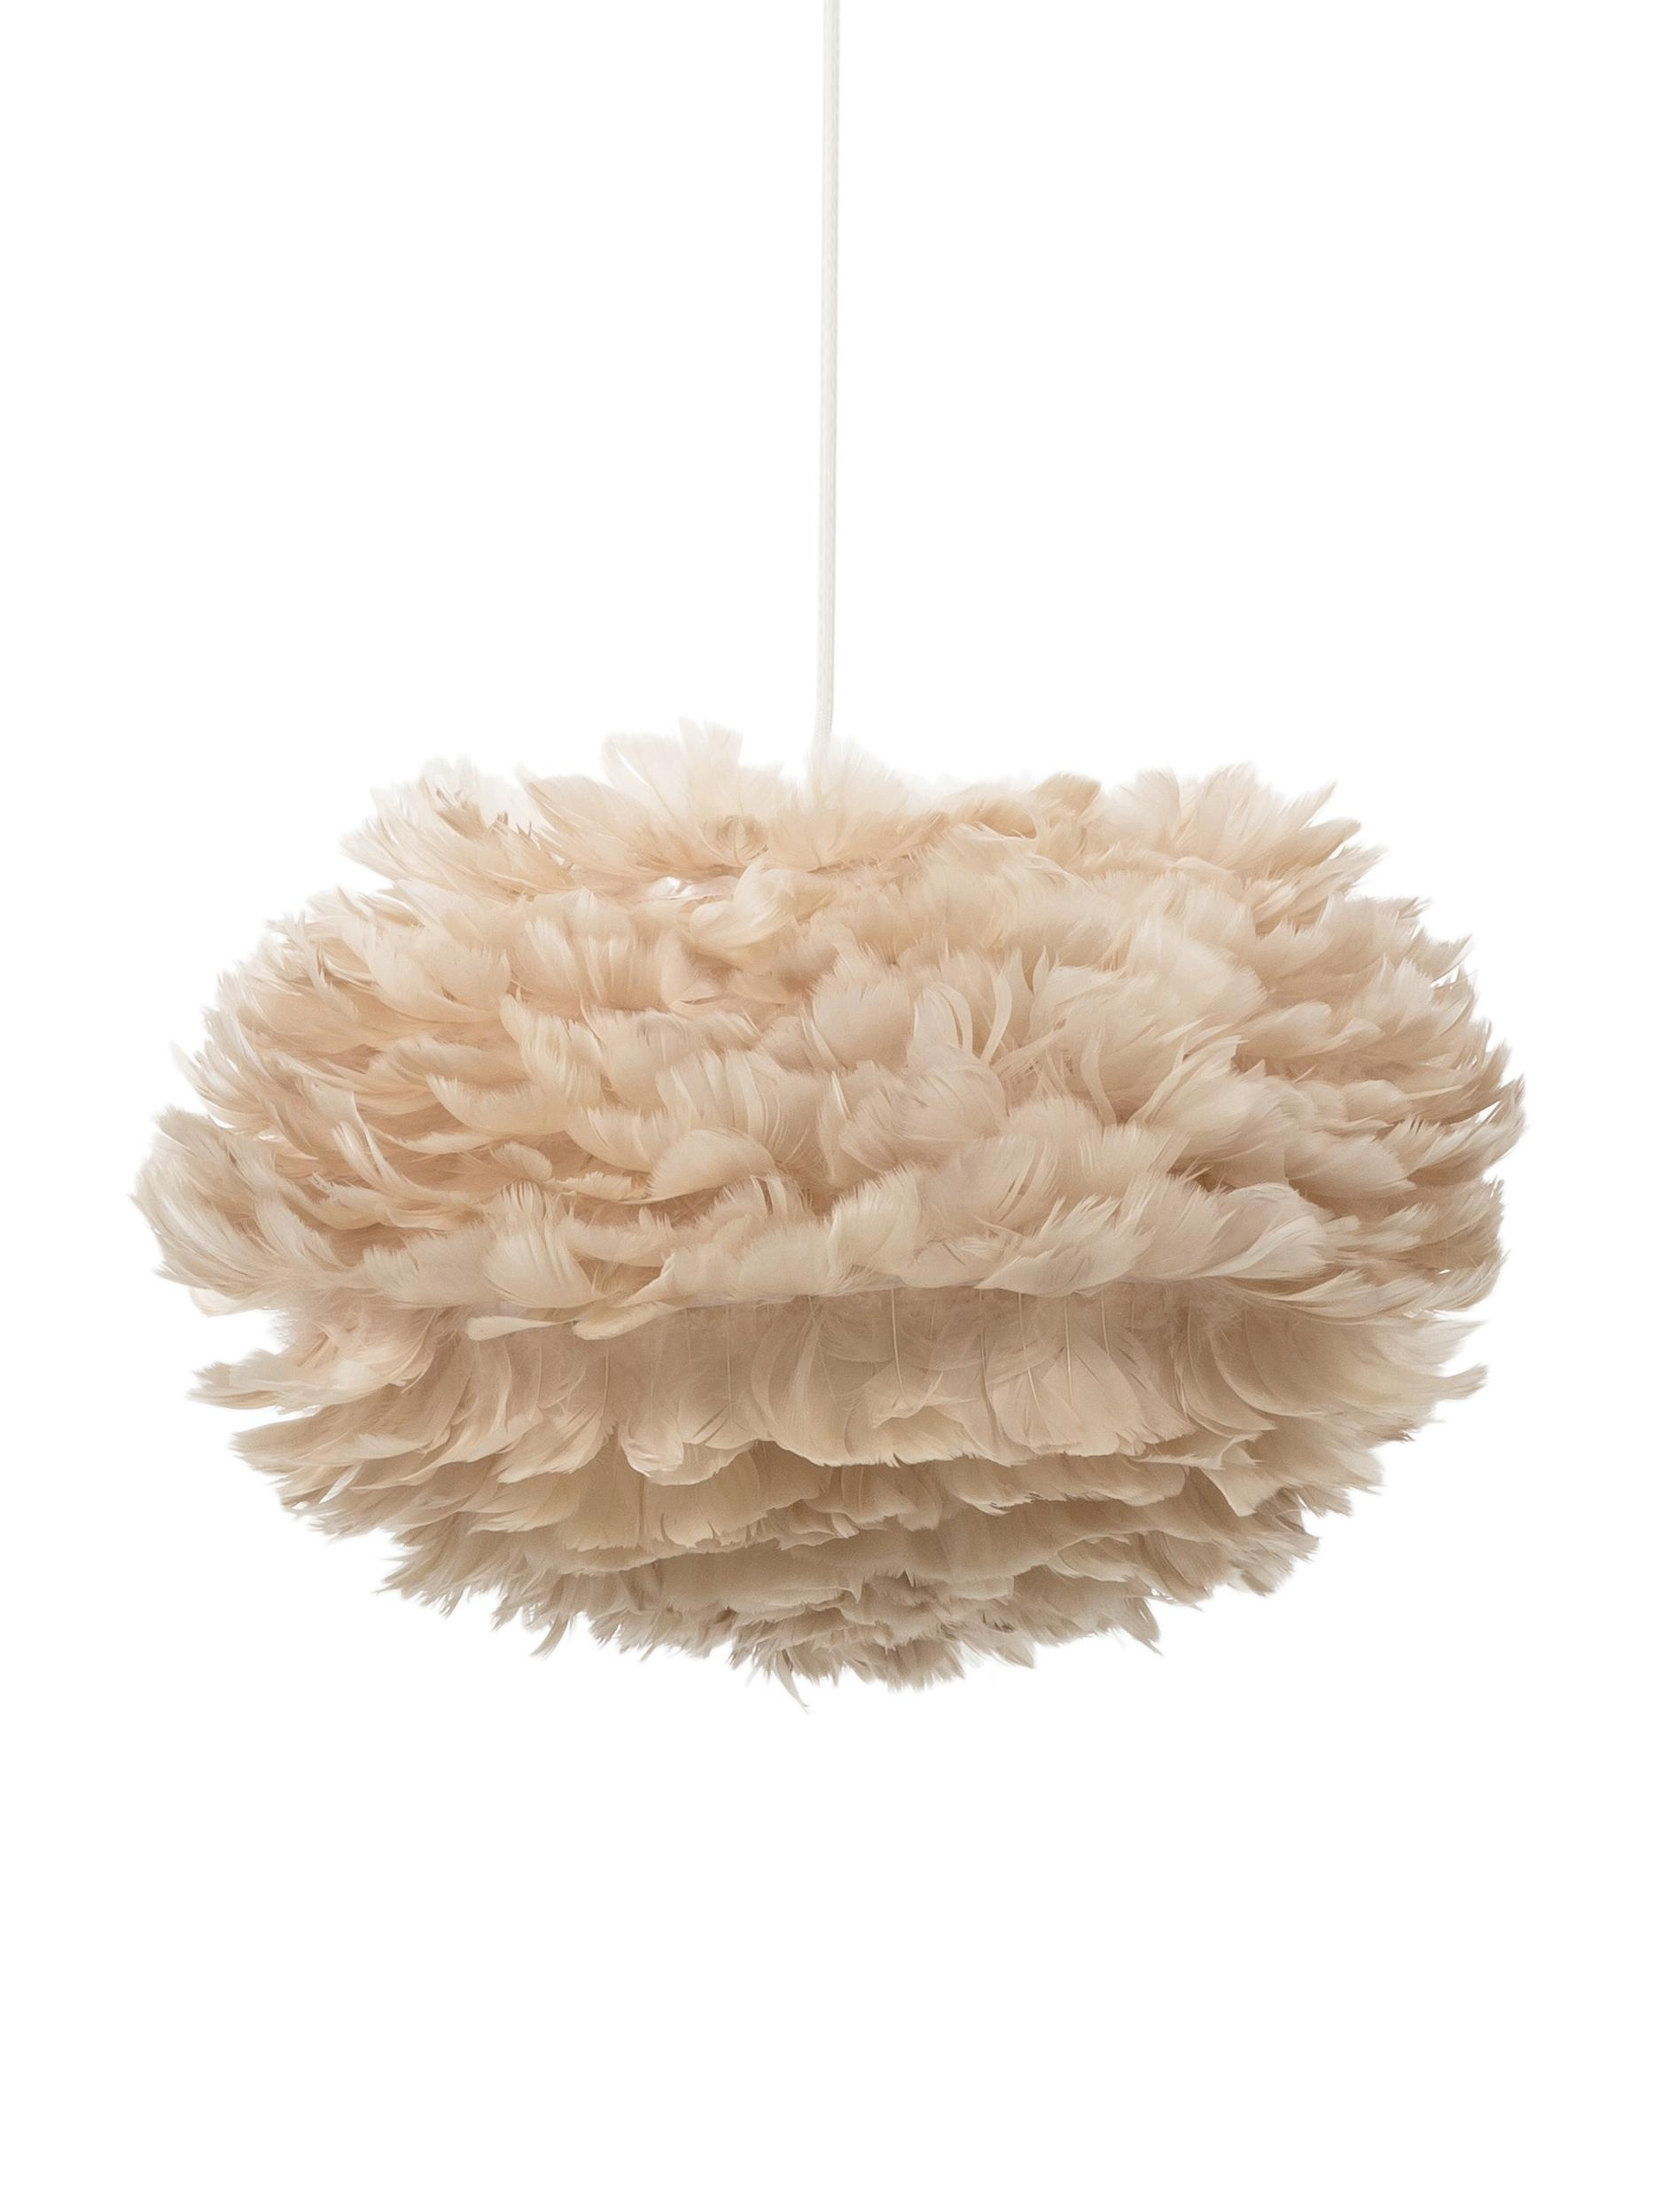 Lampada a sospensione in piume Eos, Paralume: piuma d'oca, acciaio, Beige, bianco, Ø 45 cm x Alt. 30 cm